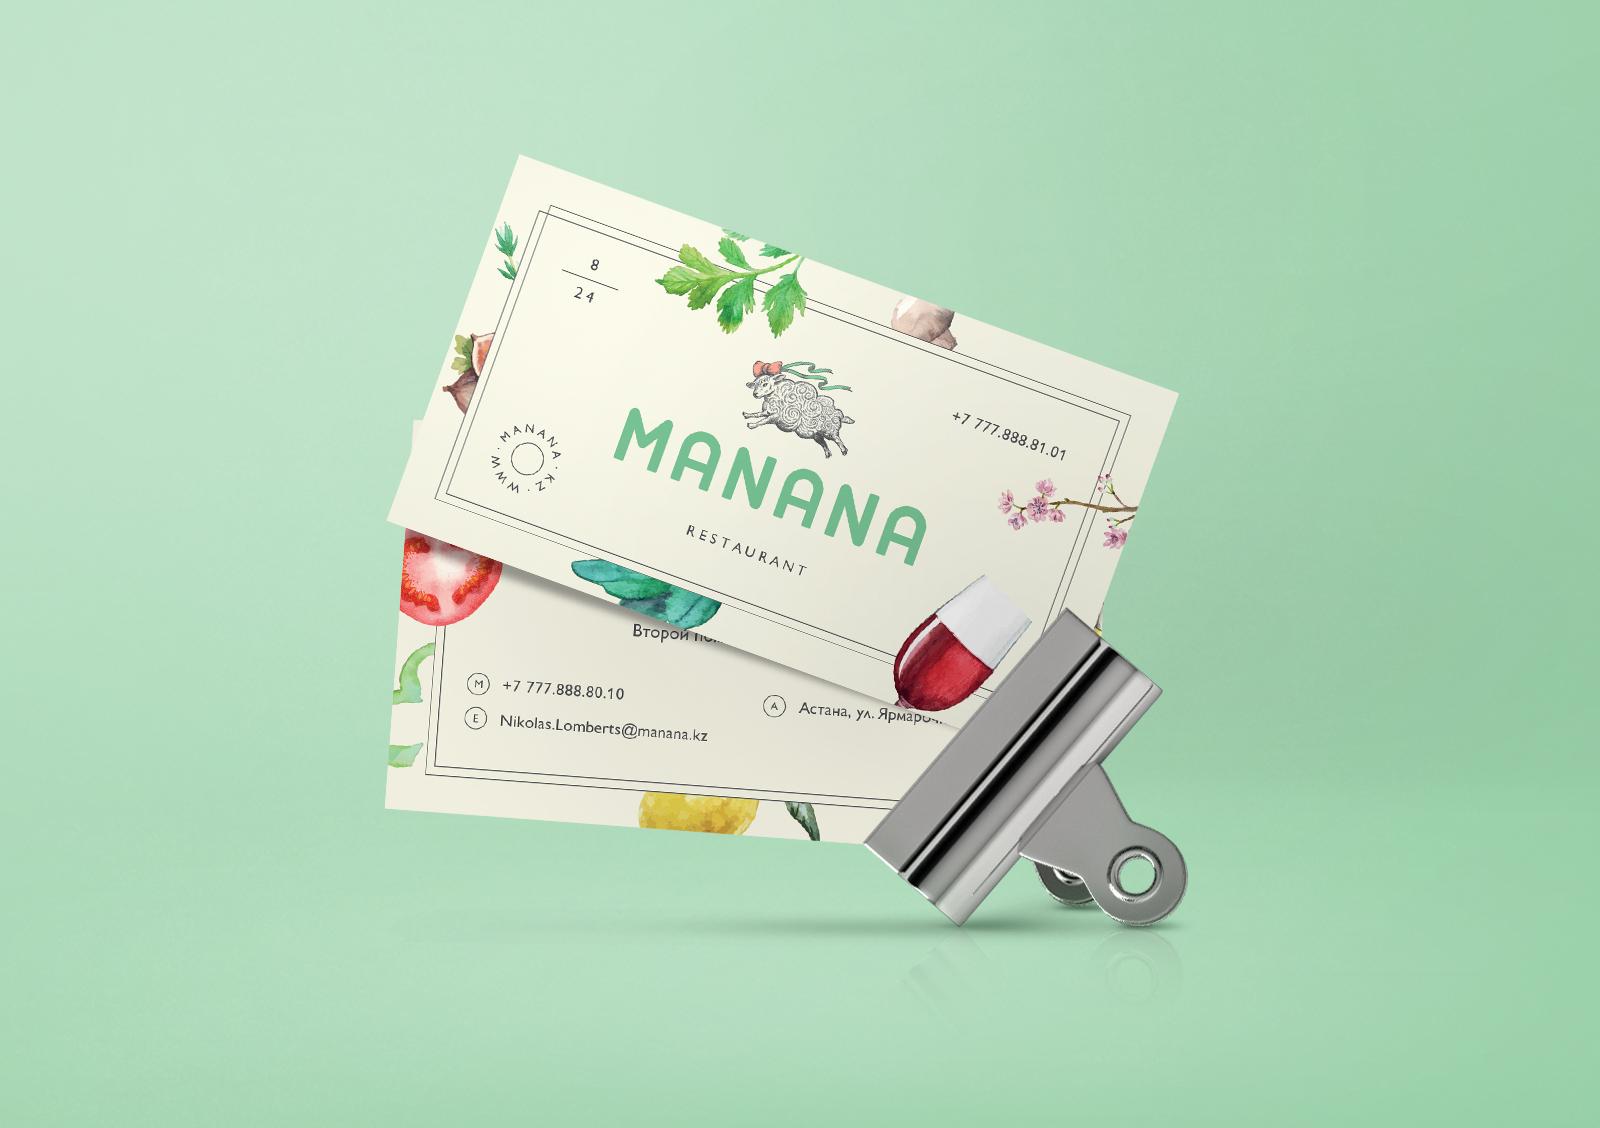 MANA_03